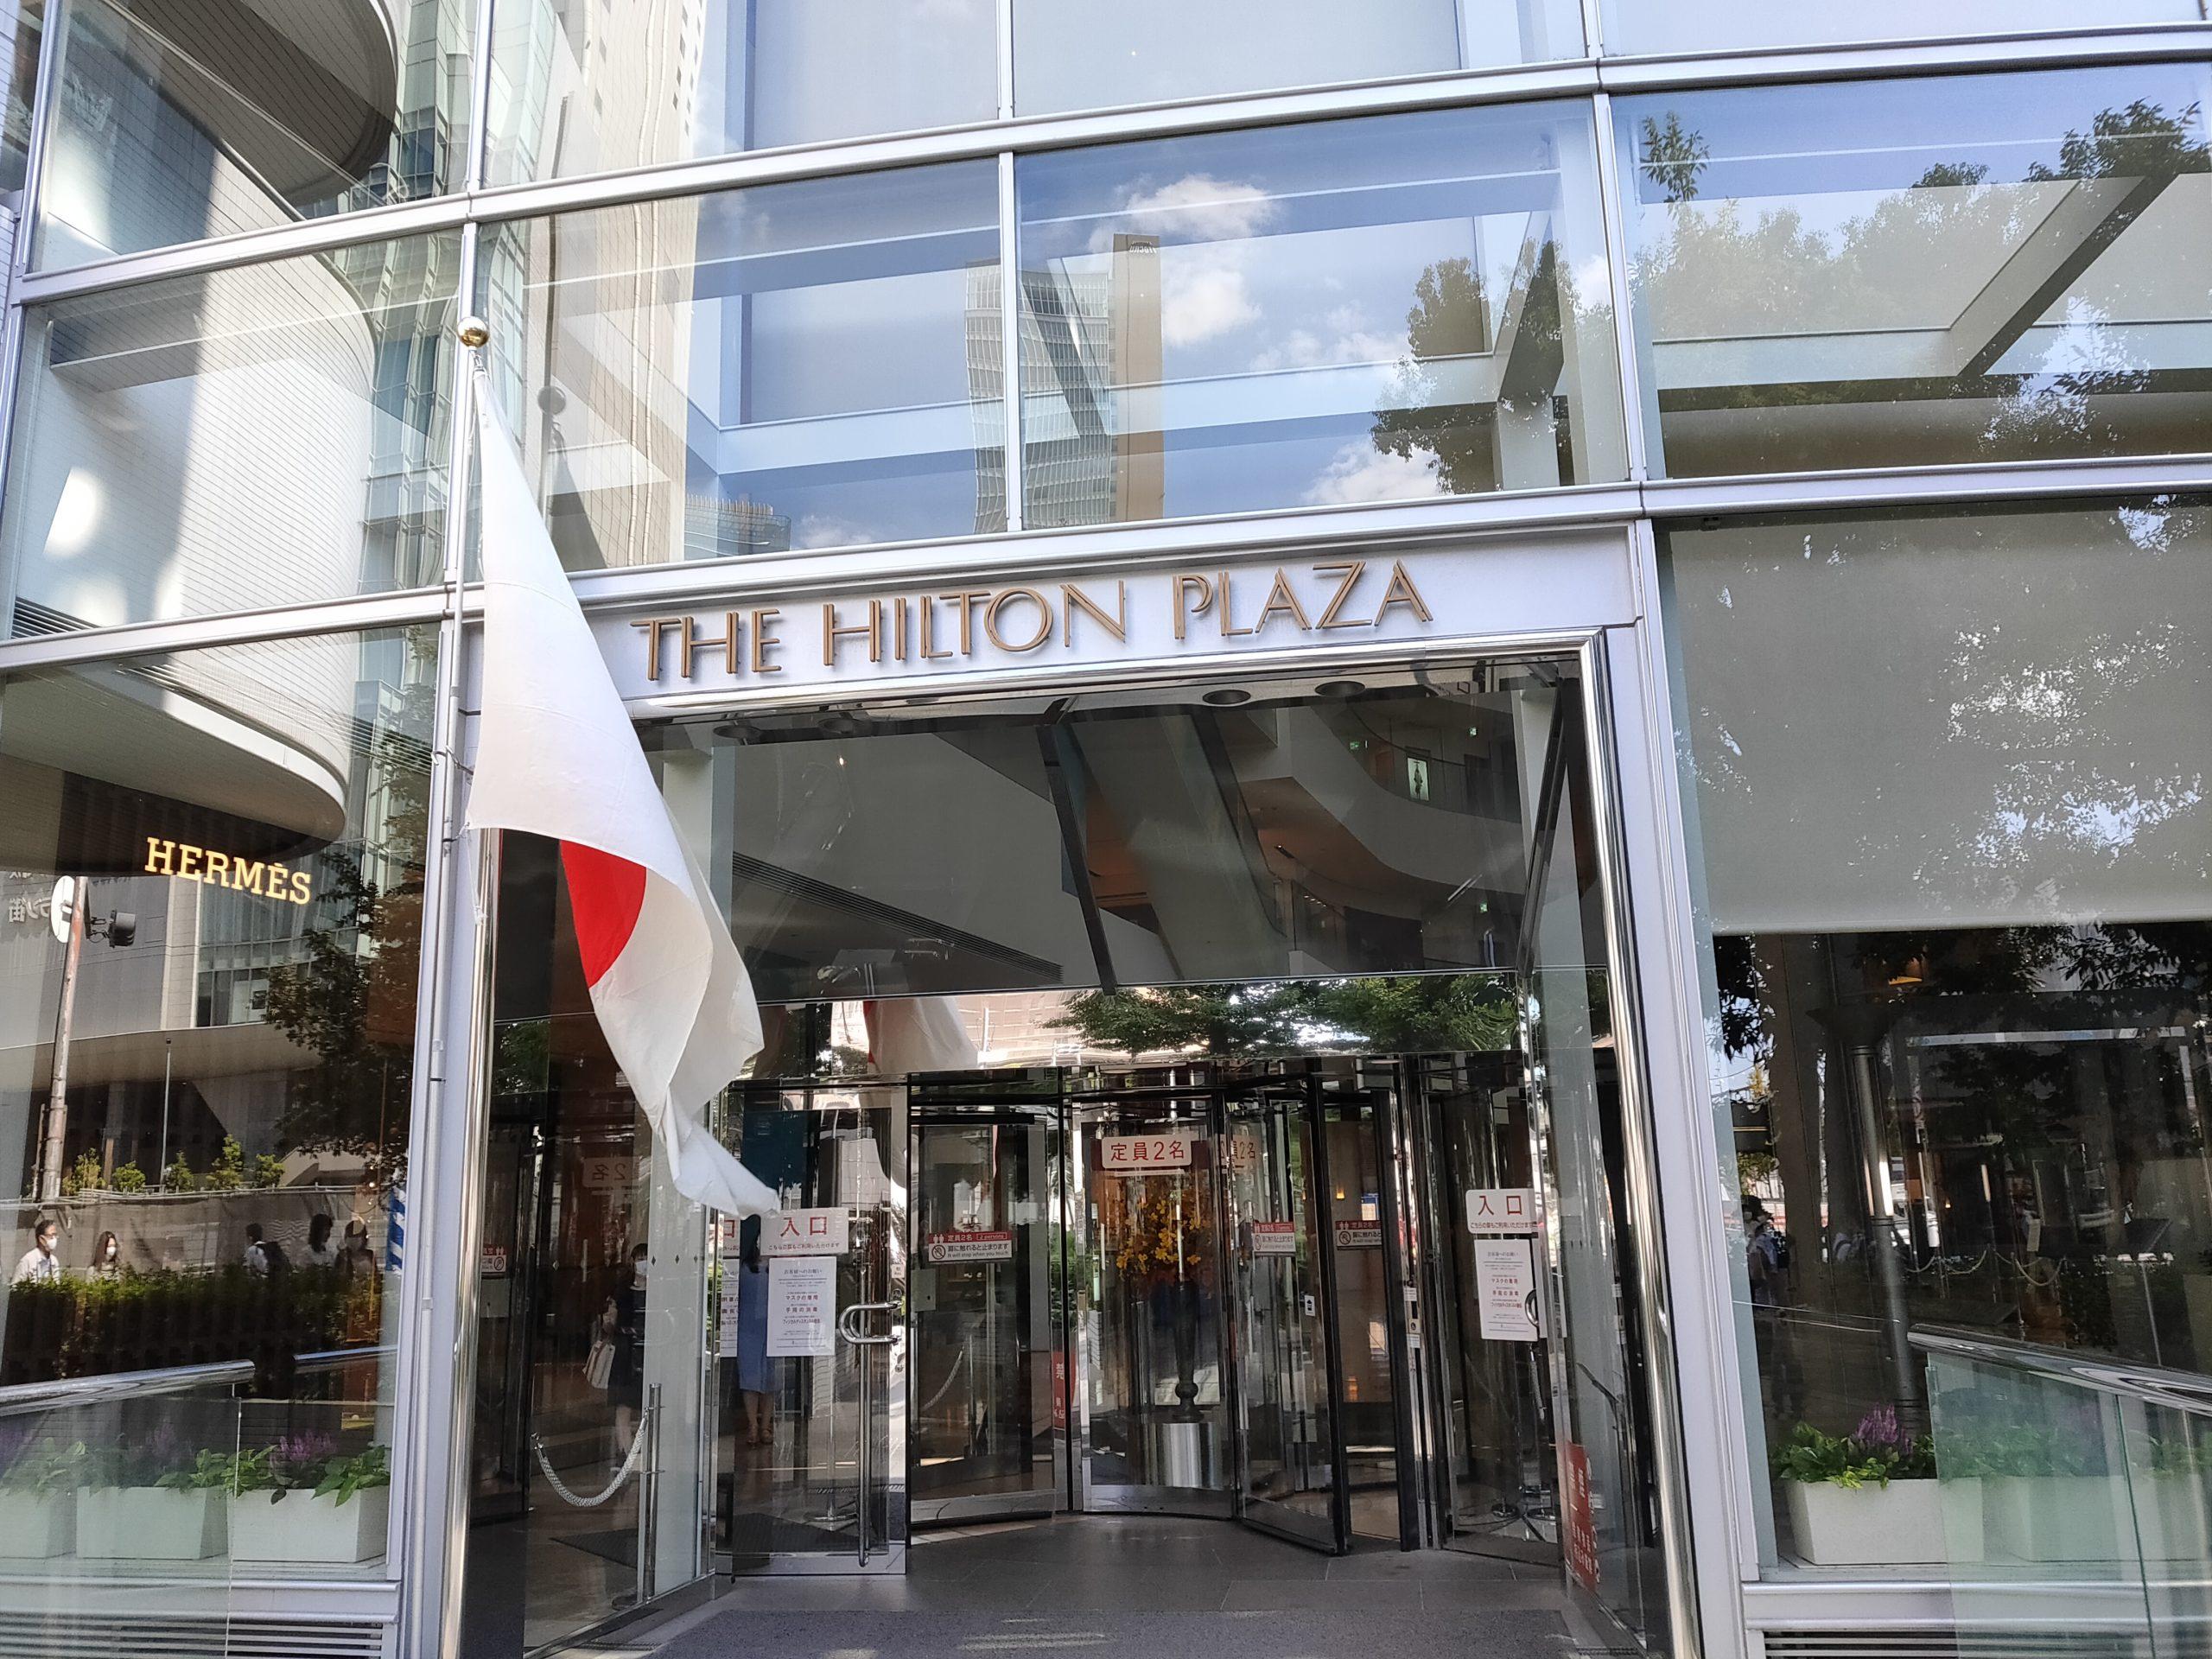 関西人だから泊まったことないかも、ヒルトン大阪 宿泊記!